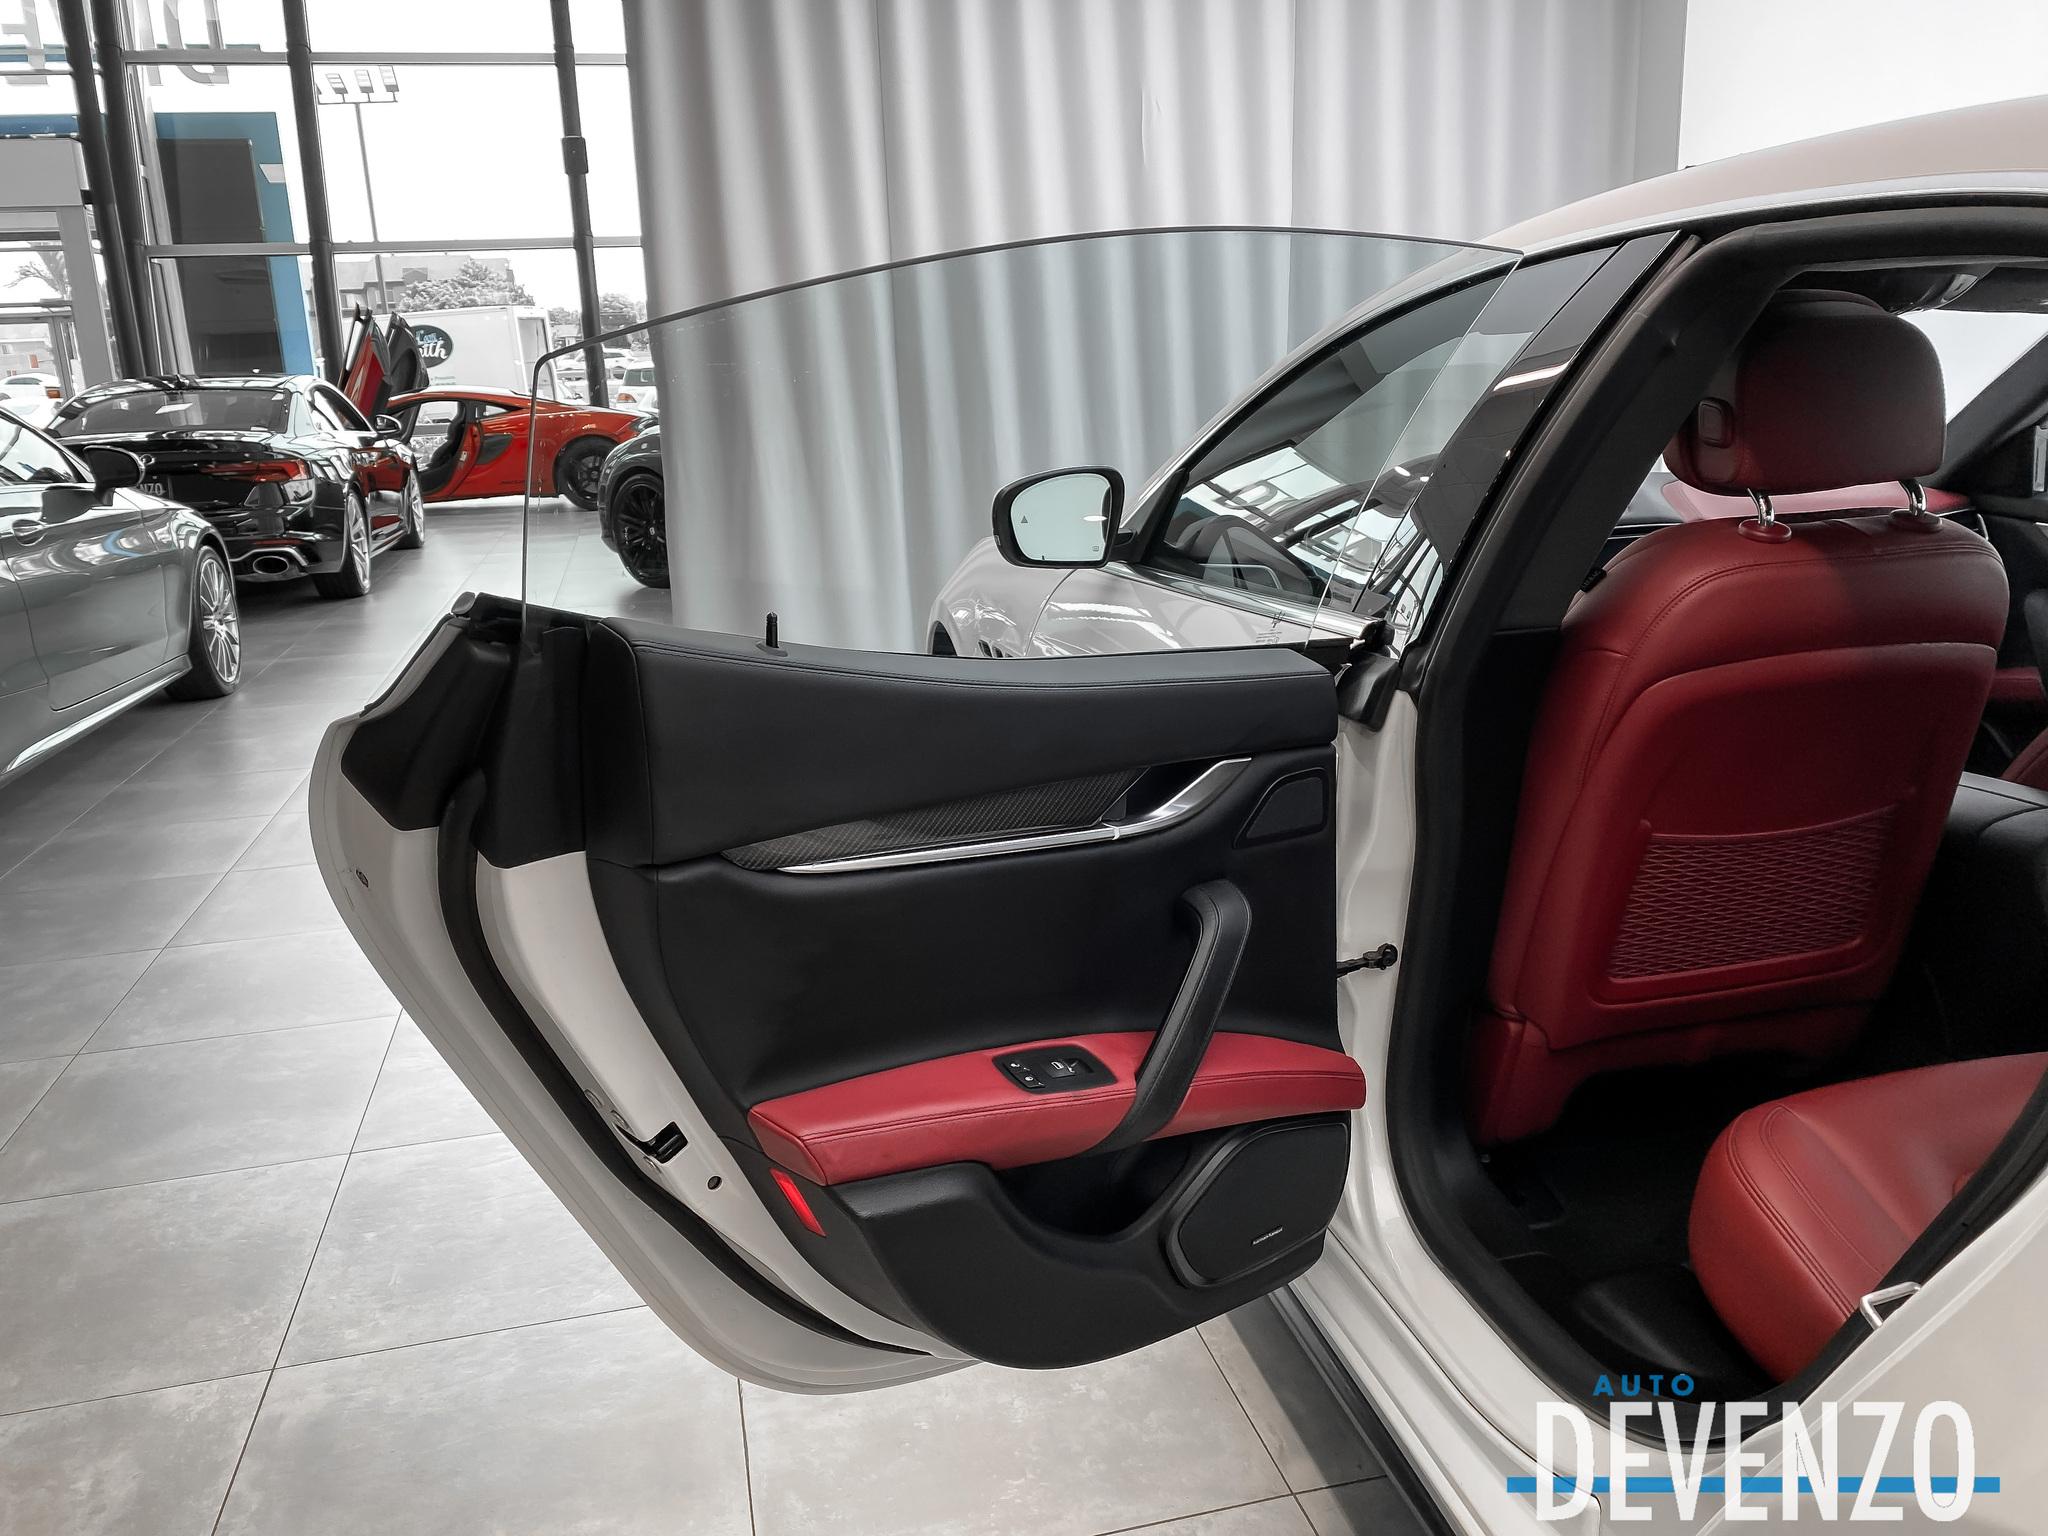 2017 Maserati Ghibli S Q4 3.0L 410hp Carbon fiber / Driver Assistance complet